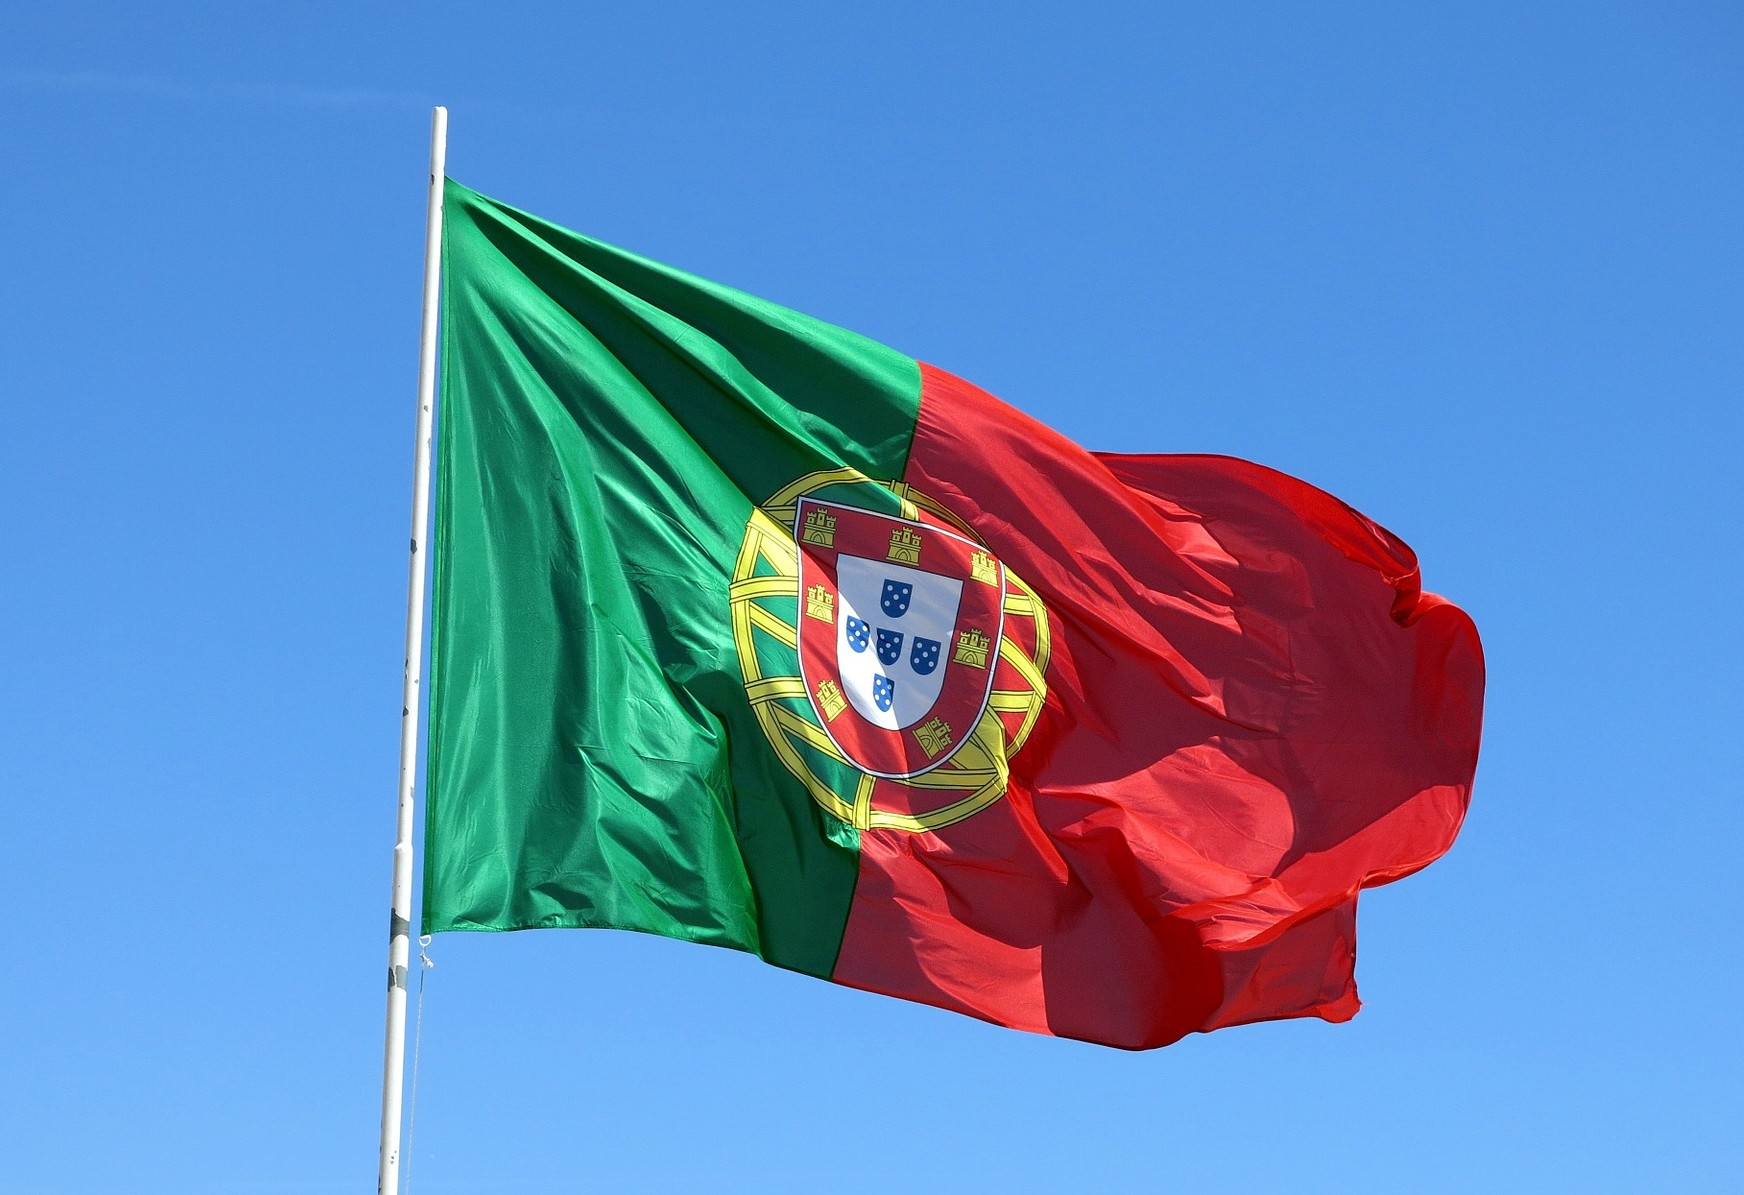 Πορτογαλία: Επιμήκυνση χρέους με ανταλλαγή ομολόγων